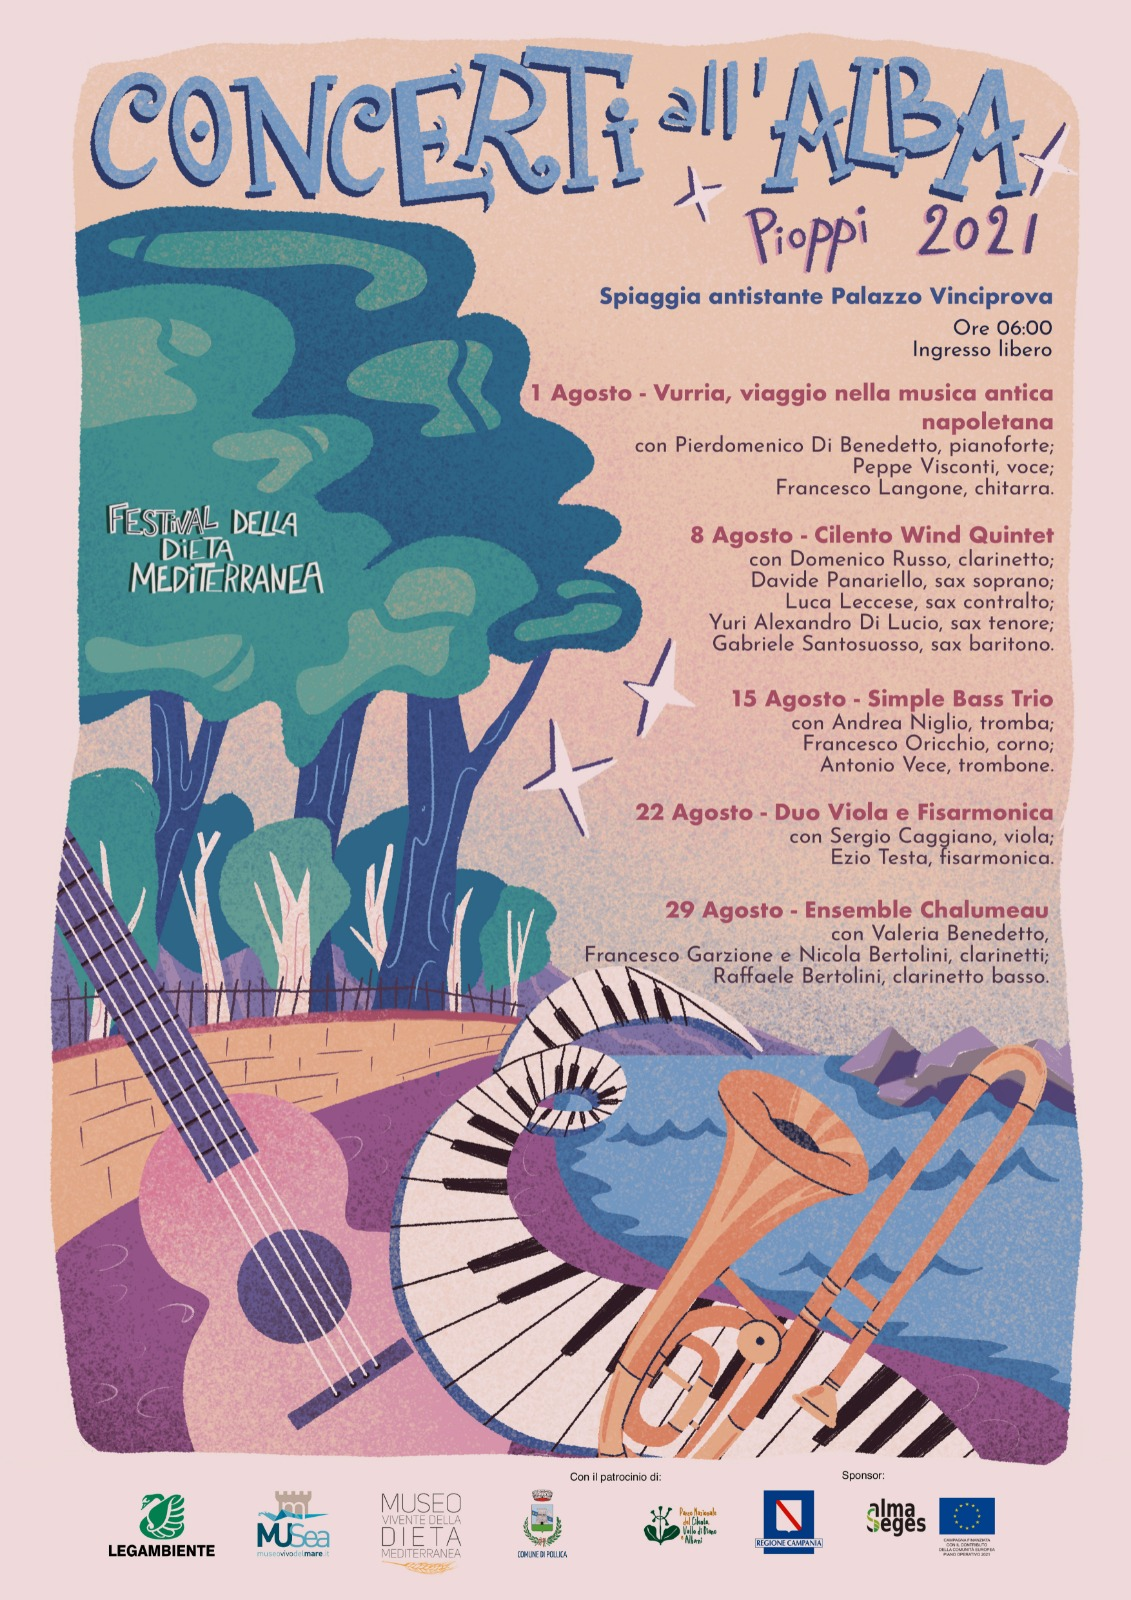 La sesta edizione del Festival della Dieta Mediterranea a paritre dal 30 luglio